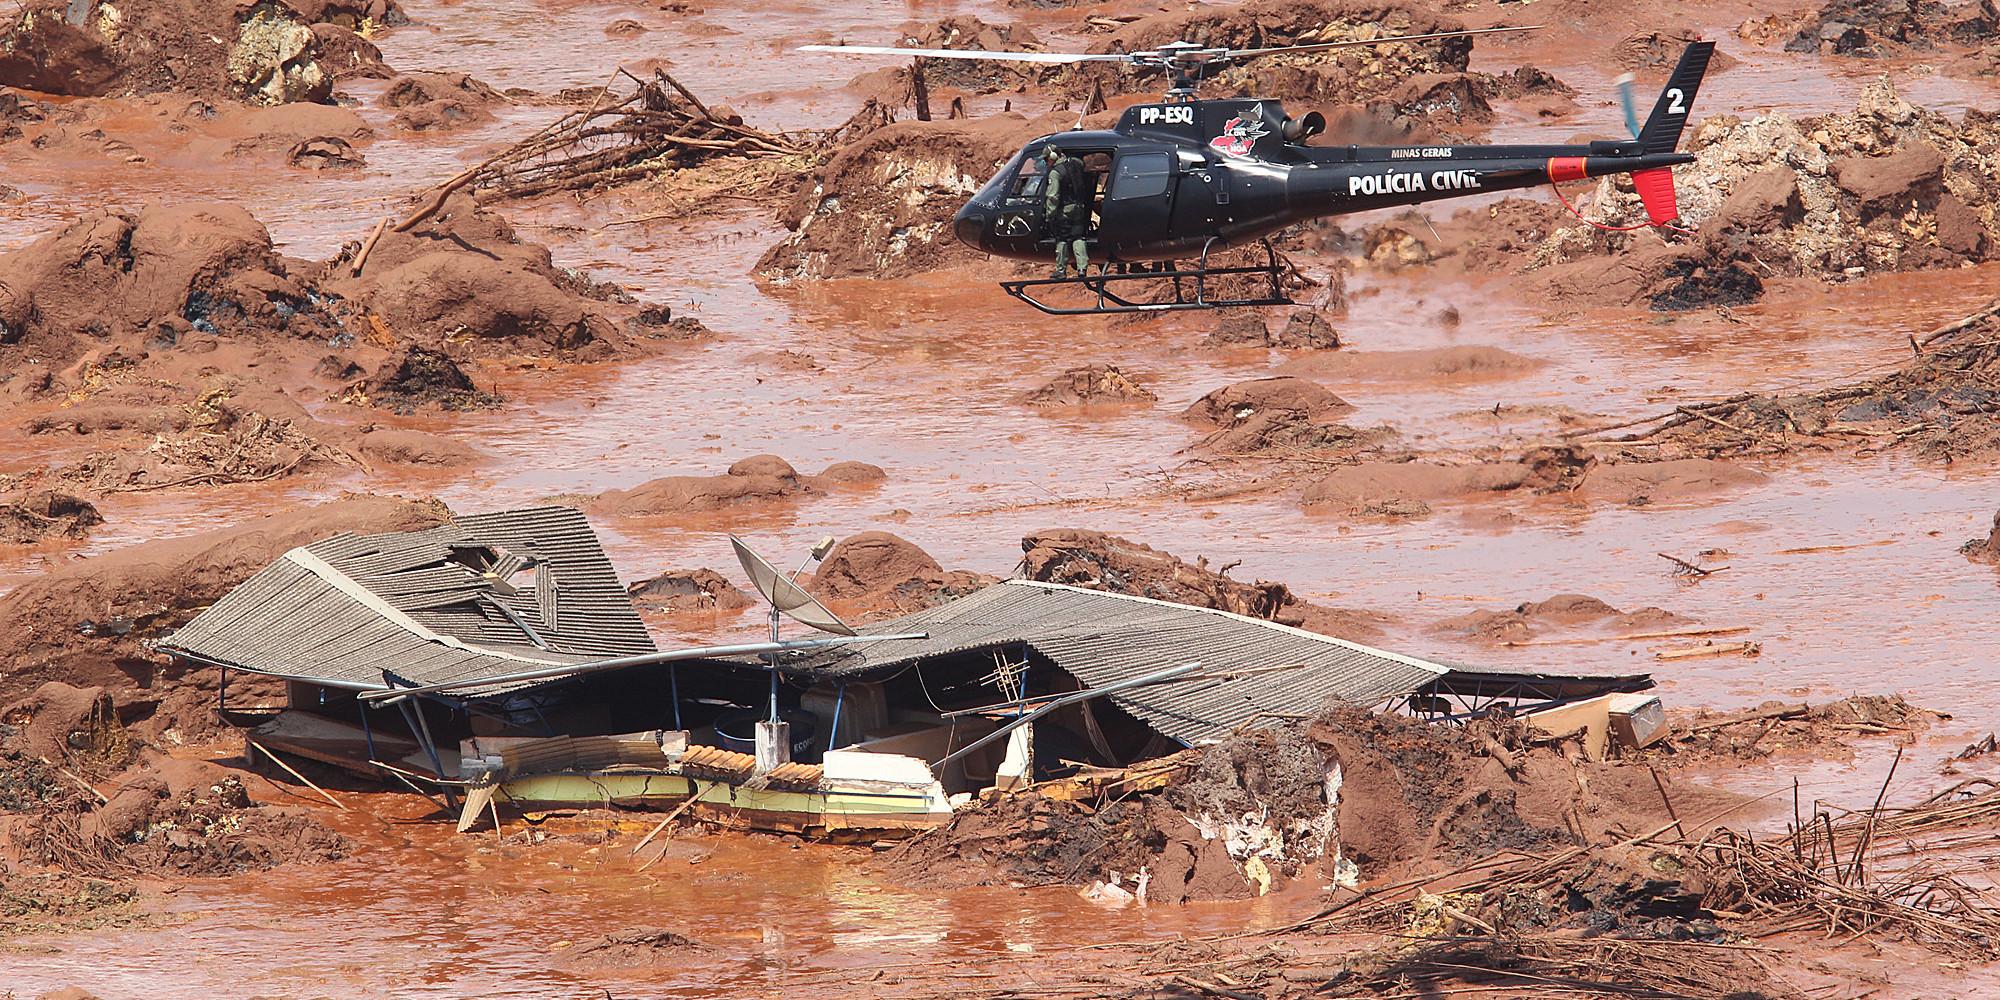 MG - BARRAGEM/MG/ROMPIMENTO/CORREÇÃO - GERAL - ATENÇÃO: CORREÇÃO DE LEGENDA. Estragos   causados em Bento Rodrigues, distrito   de Mariana, em Minas Gerais, que foi   atingido por rejeitos de mineração   depois de rompimento de duas     barragens da empresa Samarco. O     distrito tem aproximadamente 600     moradores. A sala de apoio do Batalhão     de Operações Aéreas de Corpo de     Bombeiros de Minas Gerais informou     nesta sexta-feira, 6, que cerca de 500     pessoas já saíram ou foram resgatadas     de Bento Rodrigues.    06/11/2015 - Foto: MÁRCIO FERNANDES/ESTADÃO CONTEÚDO